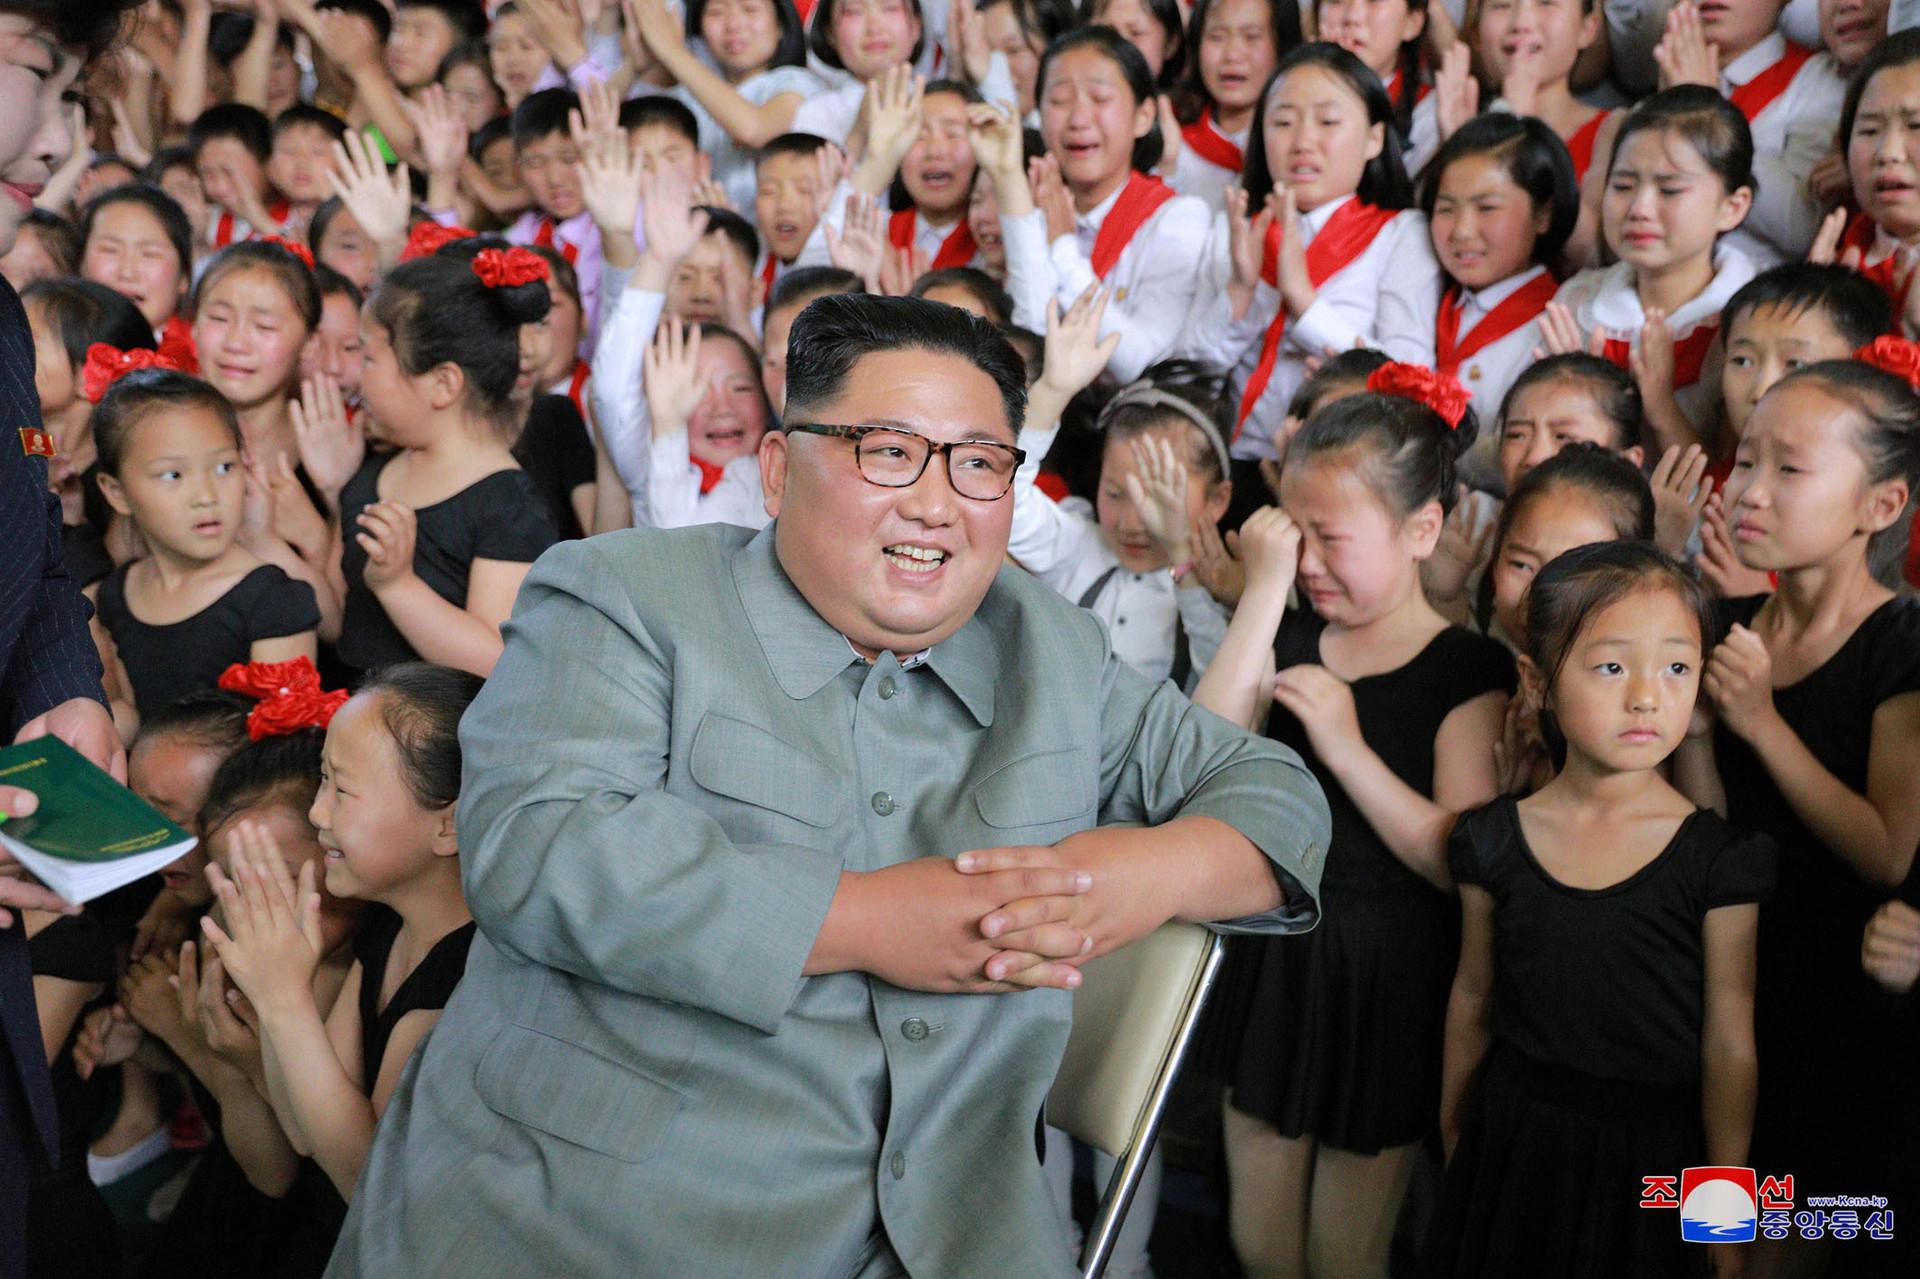 El líder norcoreano, Kim Jong-un, en el Palacio de Aprendizaje de Escolares en Kanggye, provincia de Chagang, Corea del Norte.